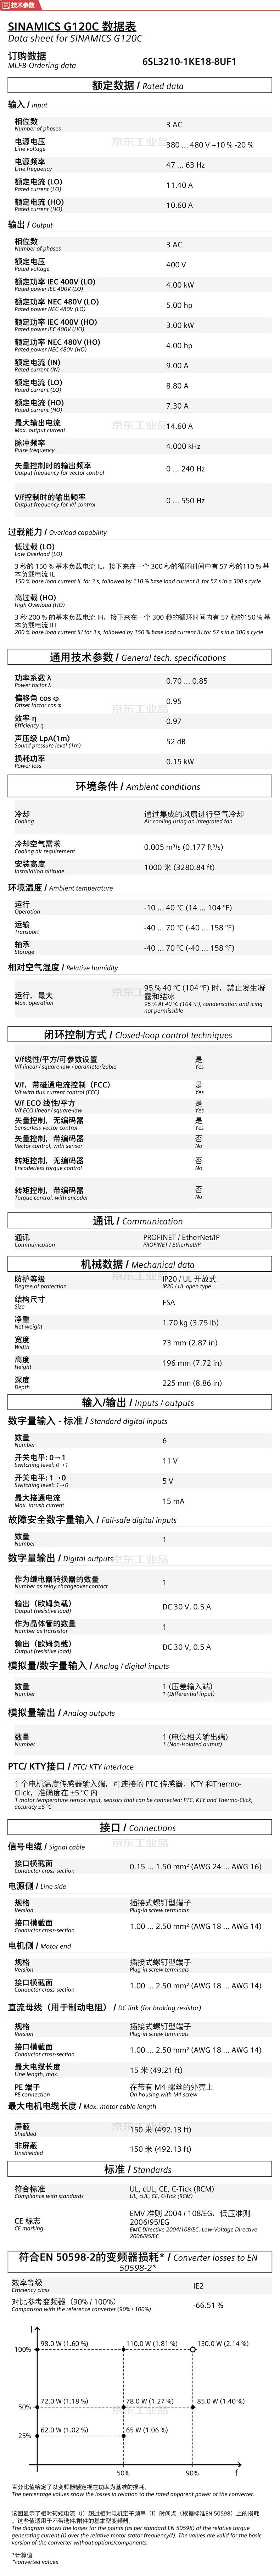 西门子 紧凑型变频器,不带内置滤波器 轻载4kW/重载3kW AC380-480V;6SL32101KE188UF1